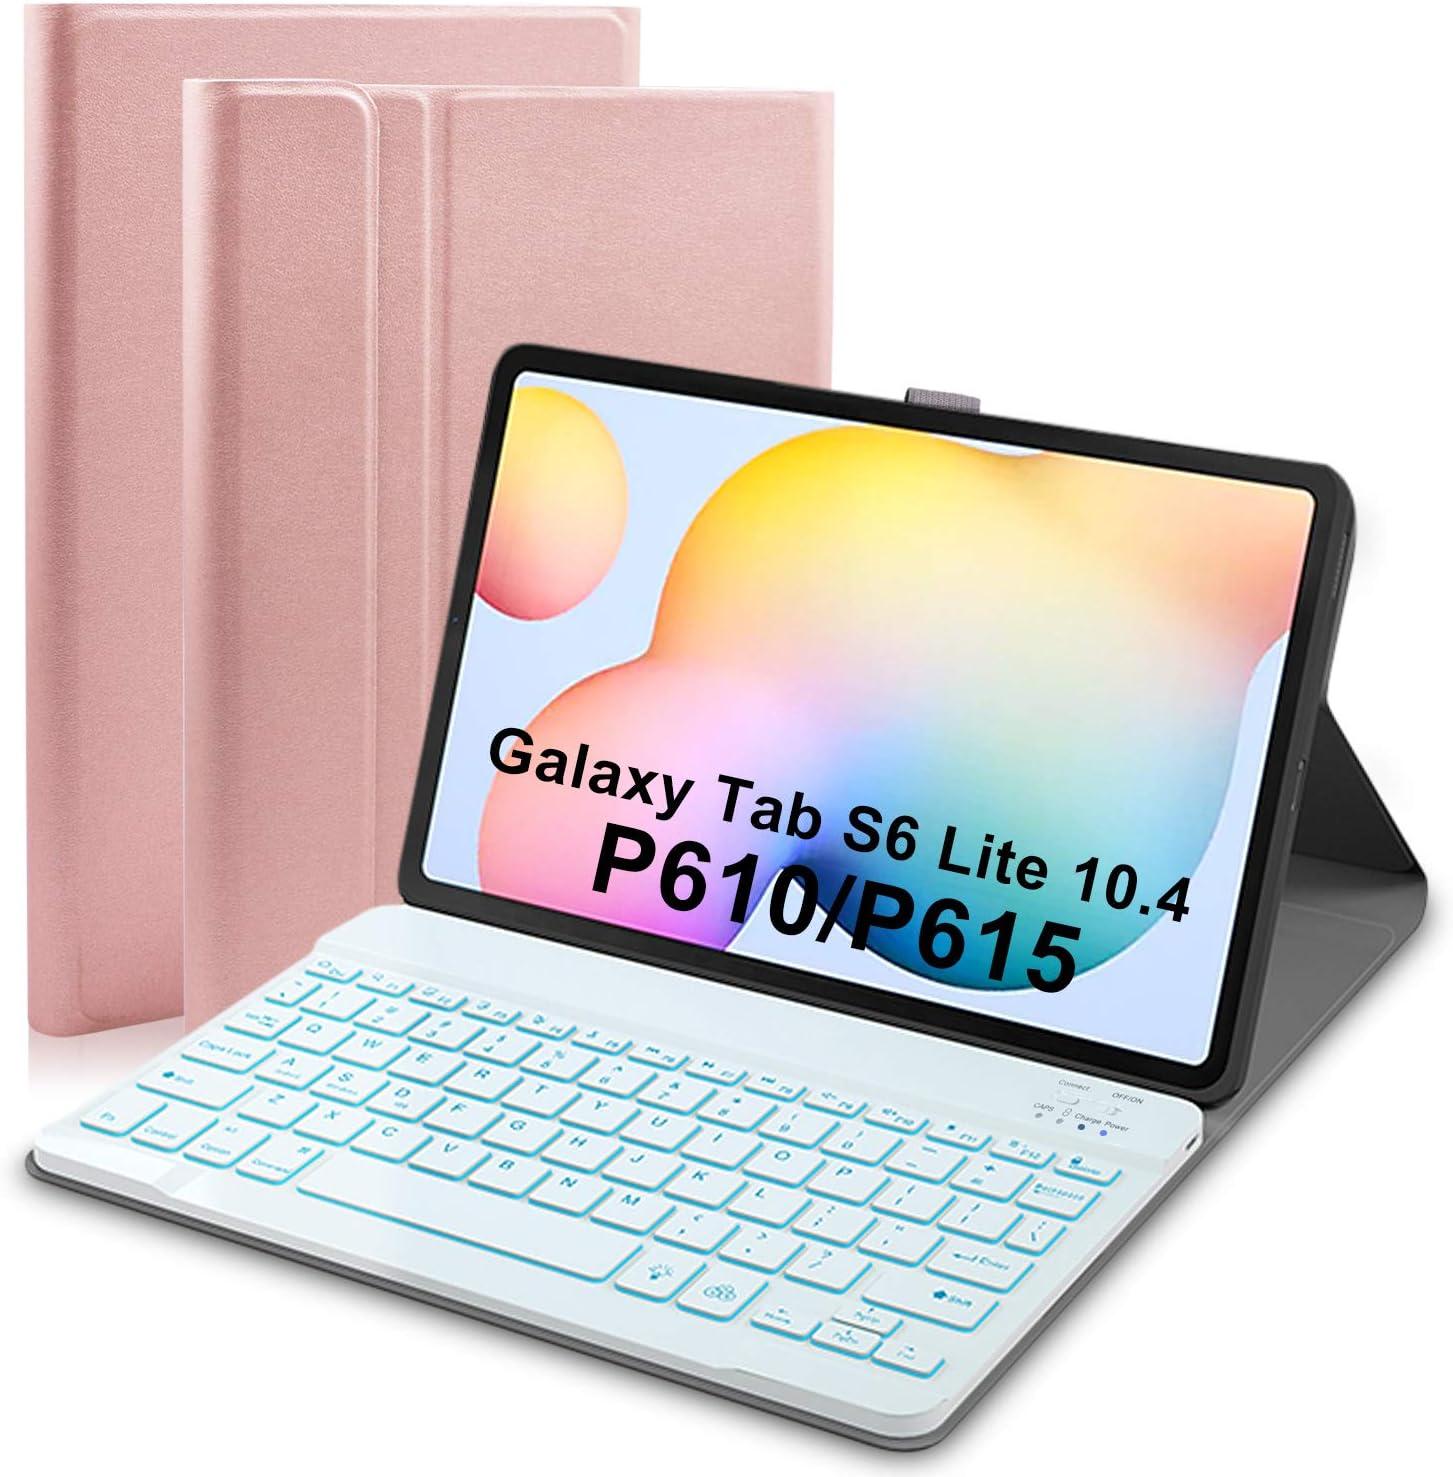 Upworld Funda con teclado retroiluminado para Samsung Galaxy Tab S6 Lite de 10,4 Tablet 2020 (SMP610/P615) 7 colores luz desmontable teclado ...